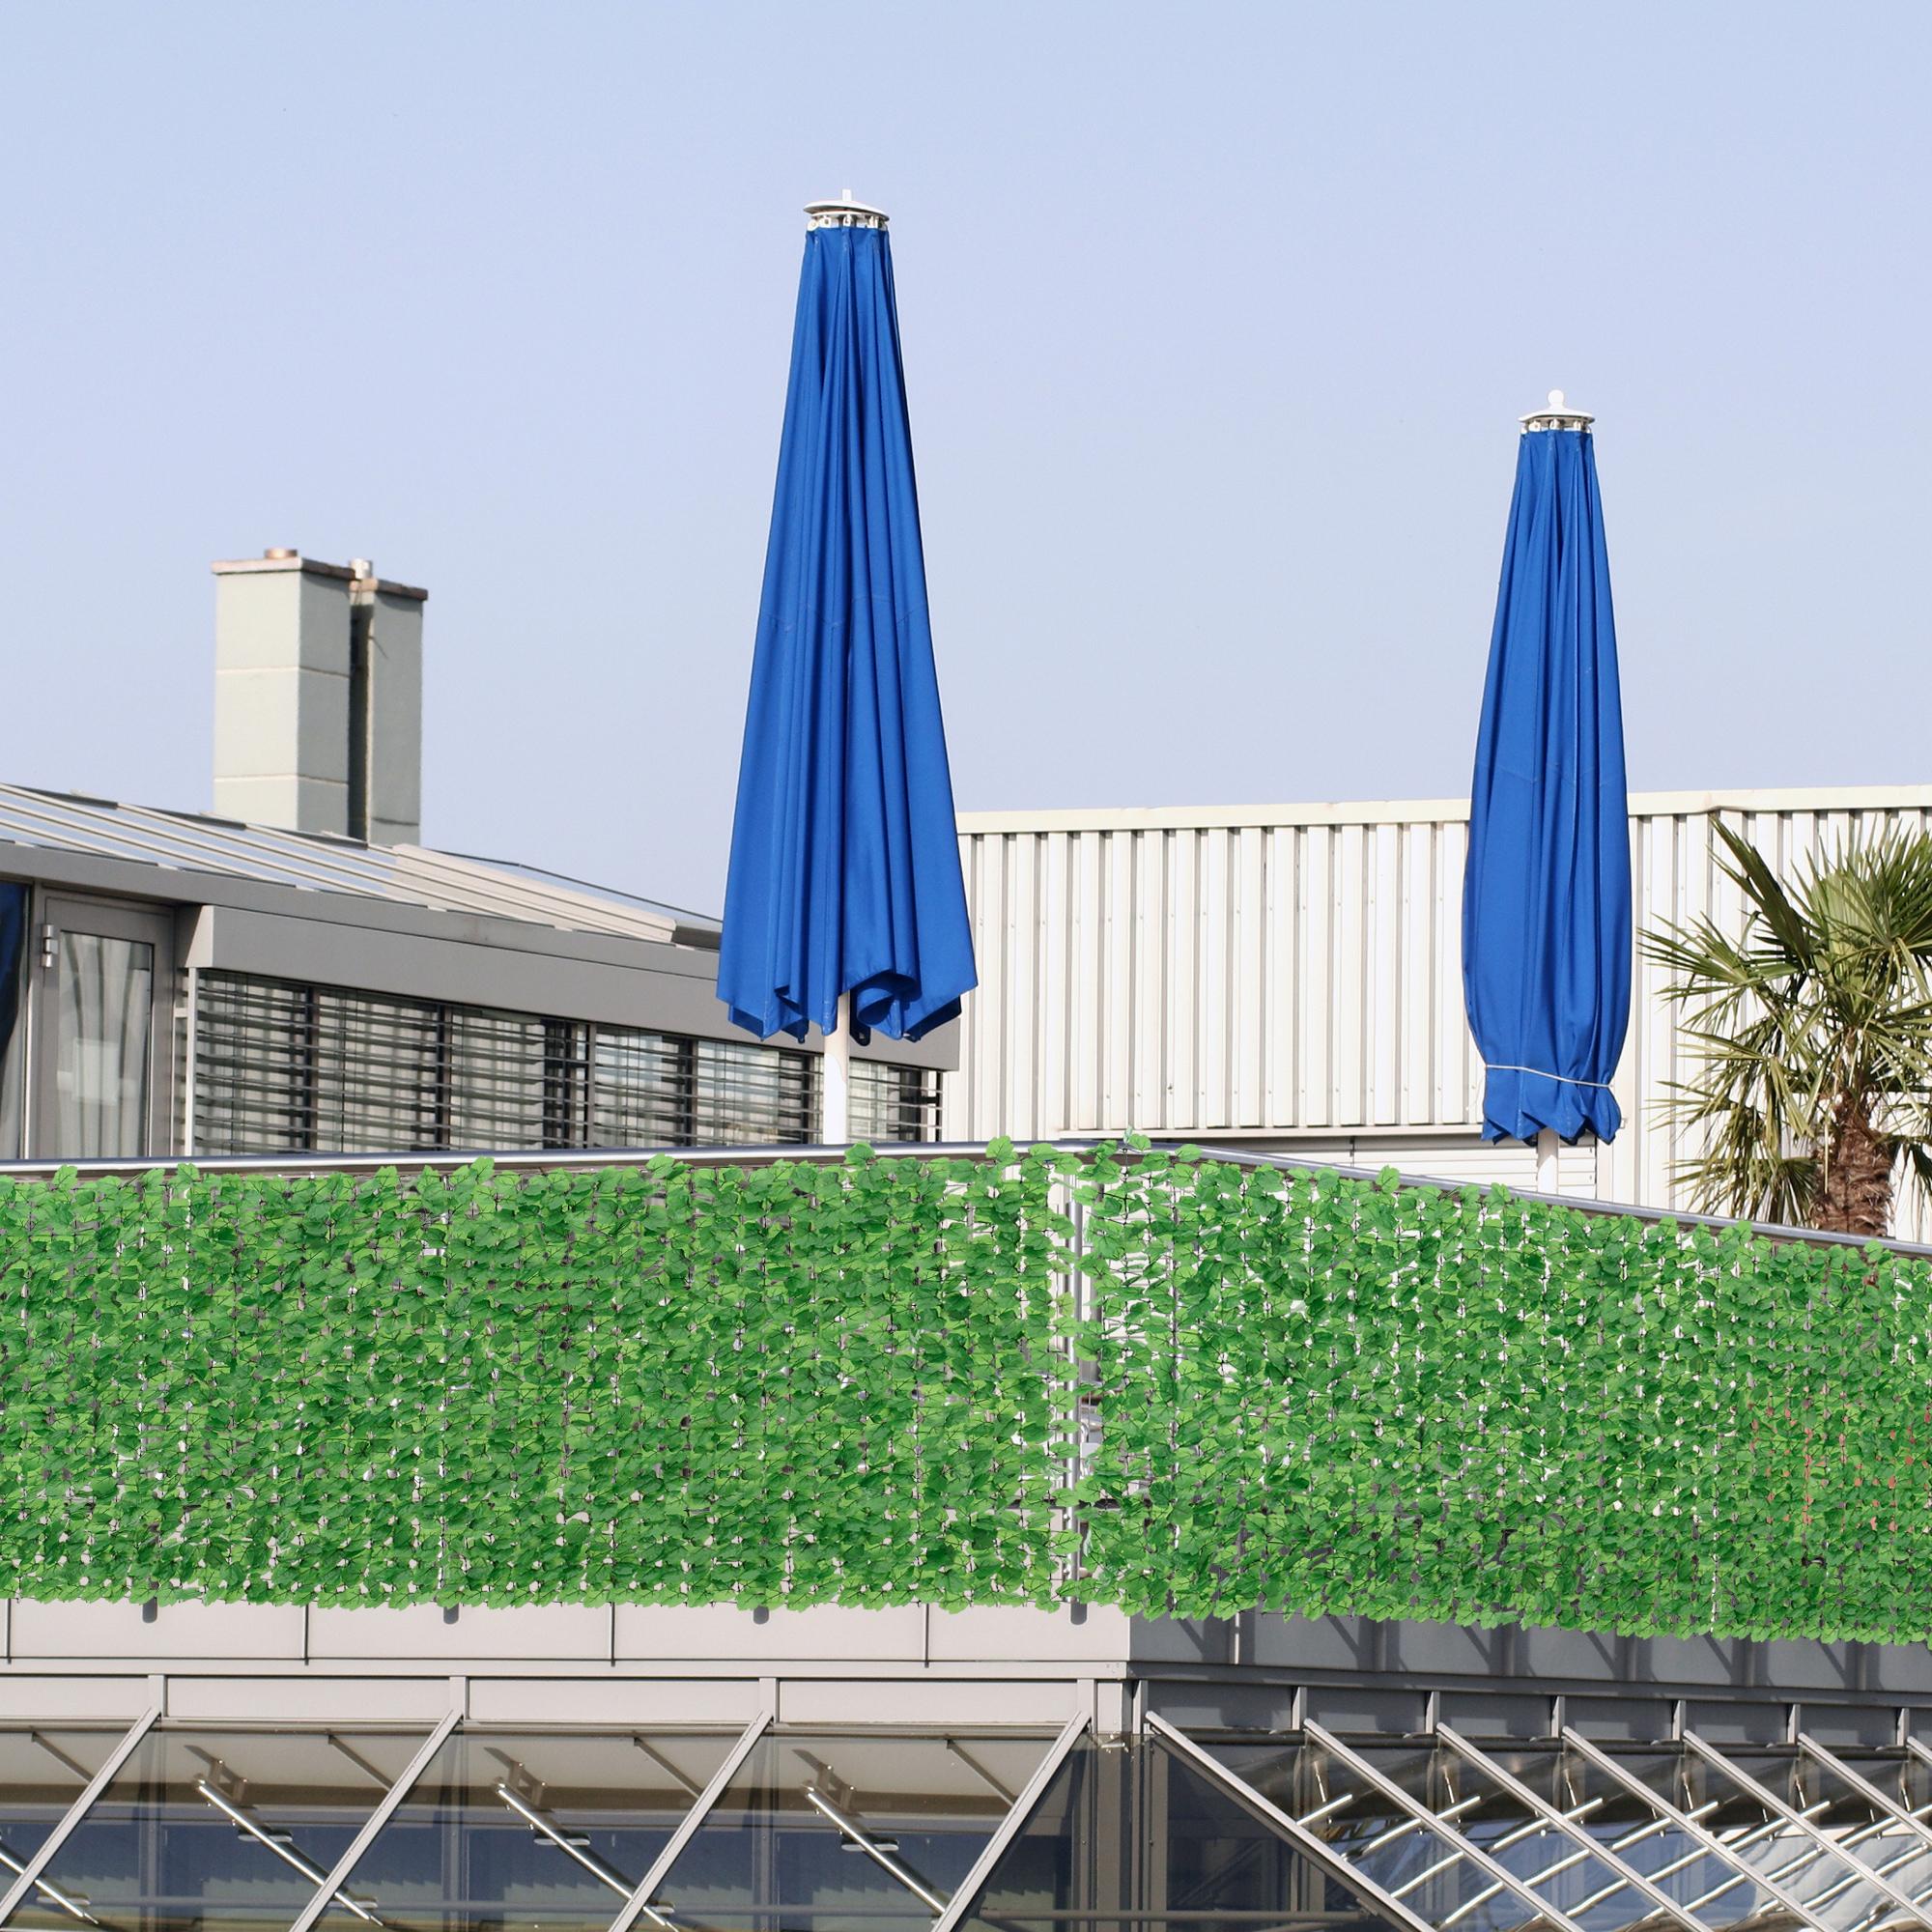 Kunststoff Sichtschutz Milchglas : Sichtschutz Grun Kunststoff  Detalles de [nuevo casa] ® hojas valla